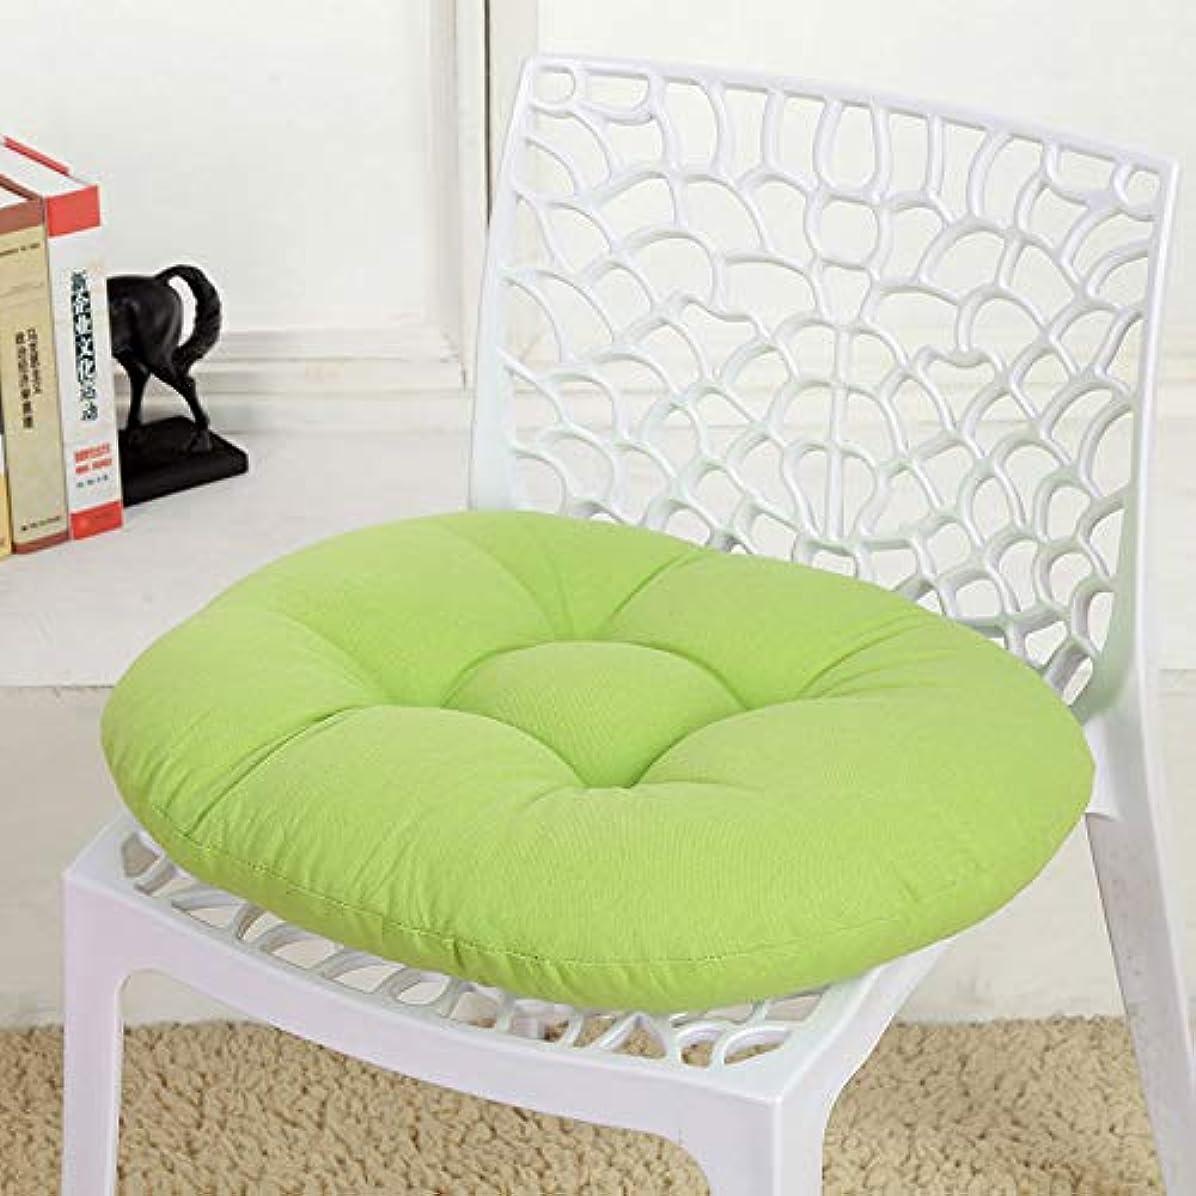 雇った詩人贈り物LIFE キャンディカラーのクッションラウンドシートクッション波ウィンドウシートクッションクッション家の装飾パッドラウンド枕シート枕椅子座る枕 クッション 椅子